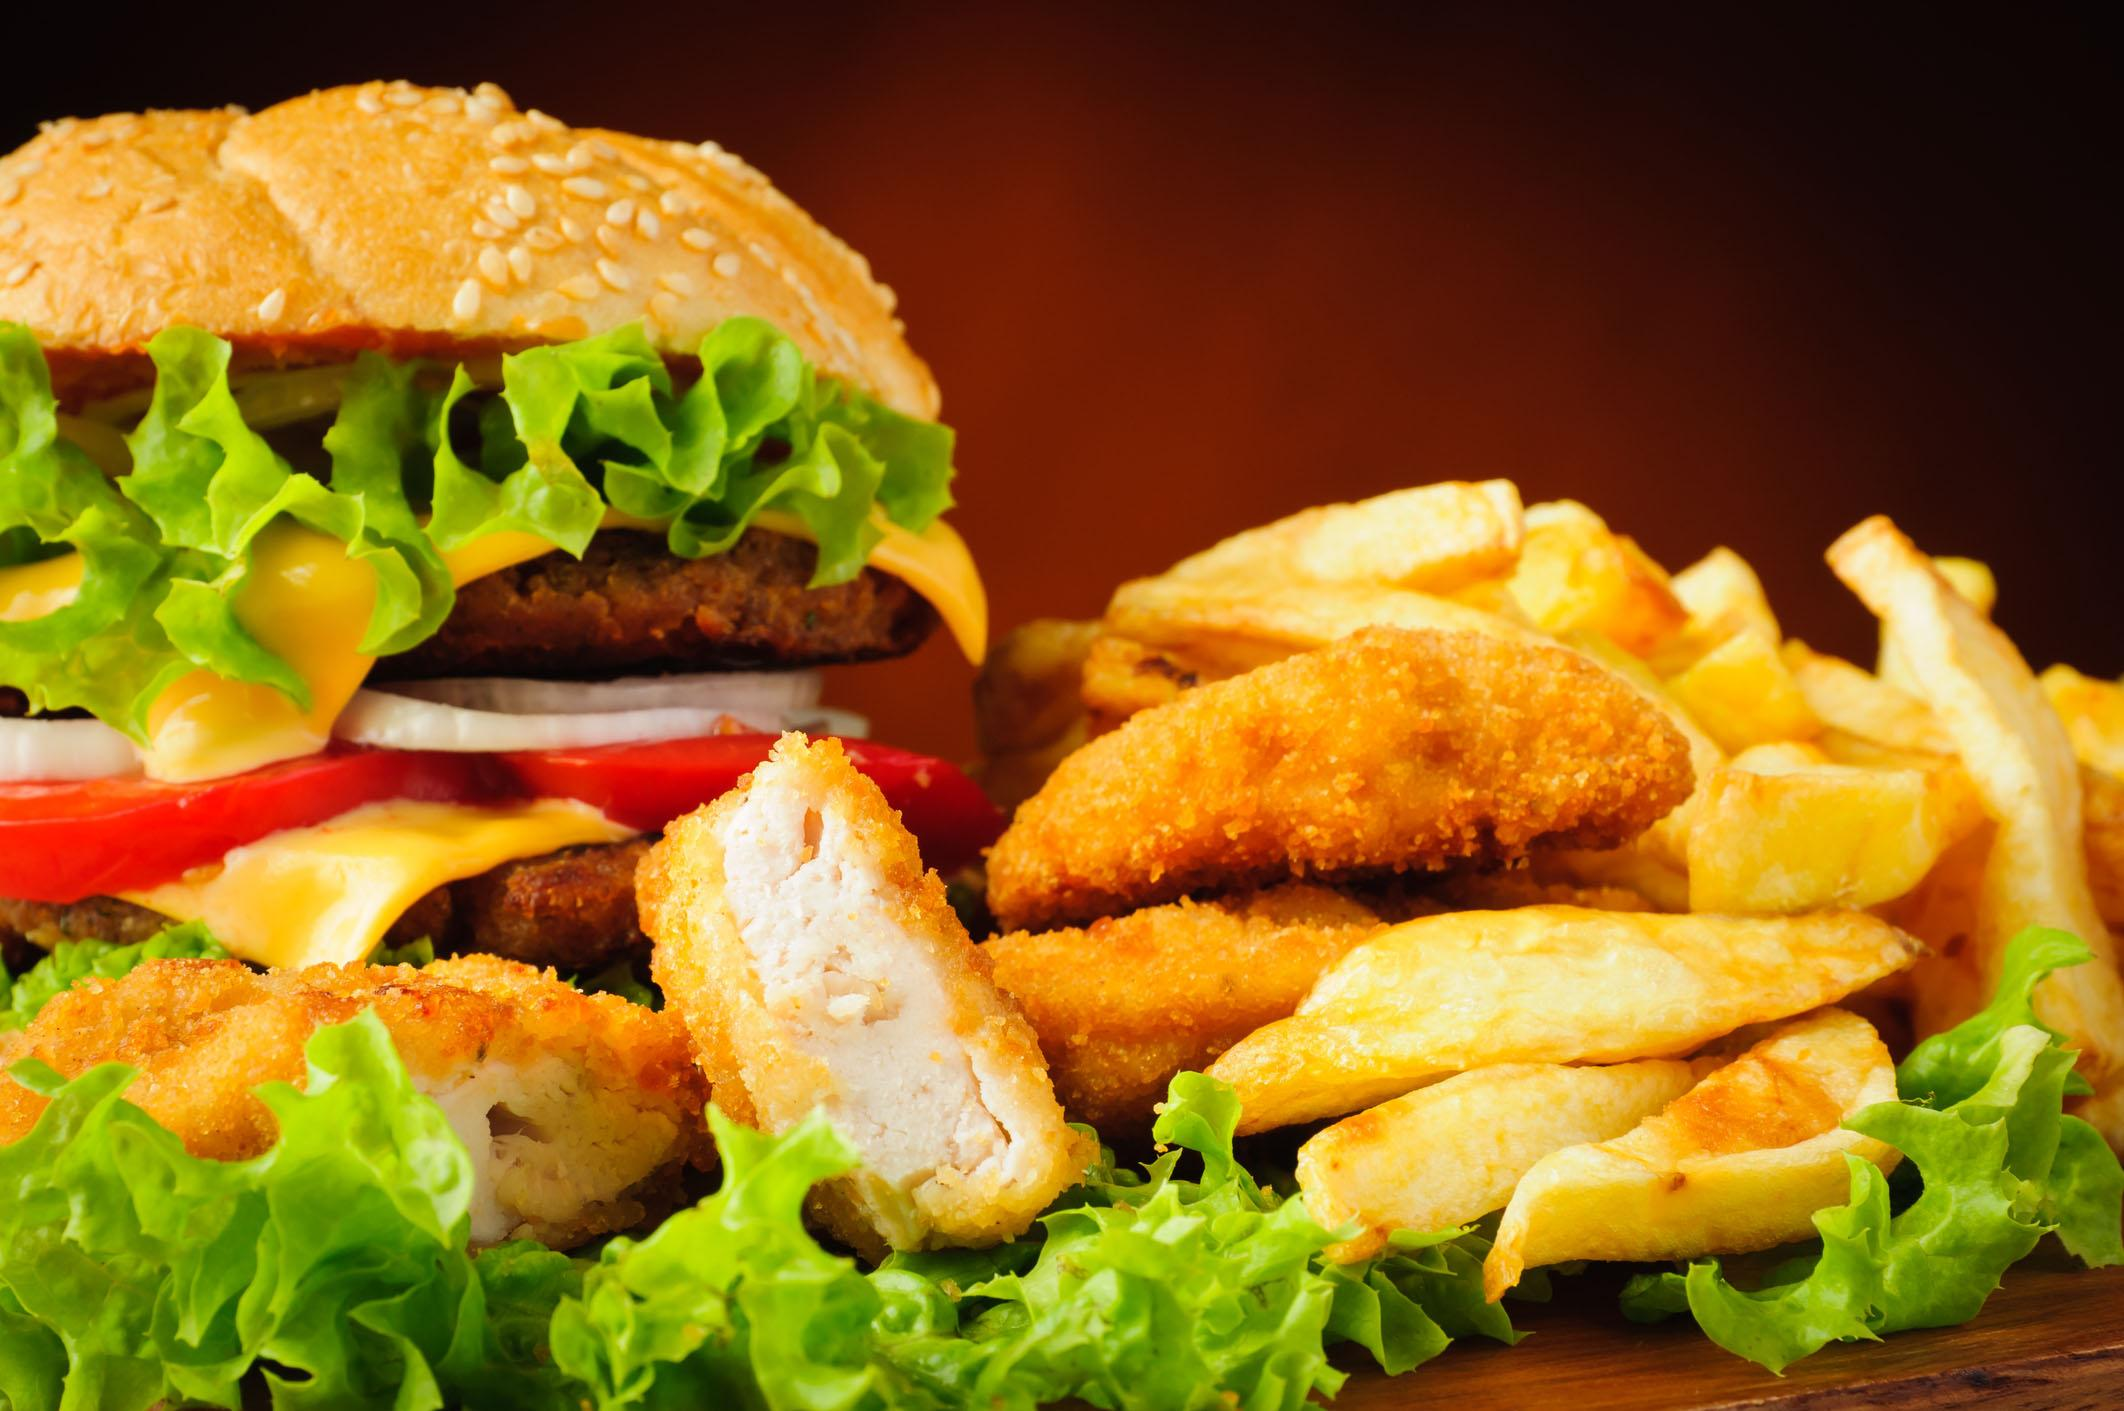 Classement des villes avec le plus de fastfood